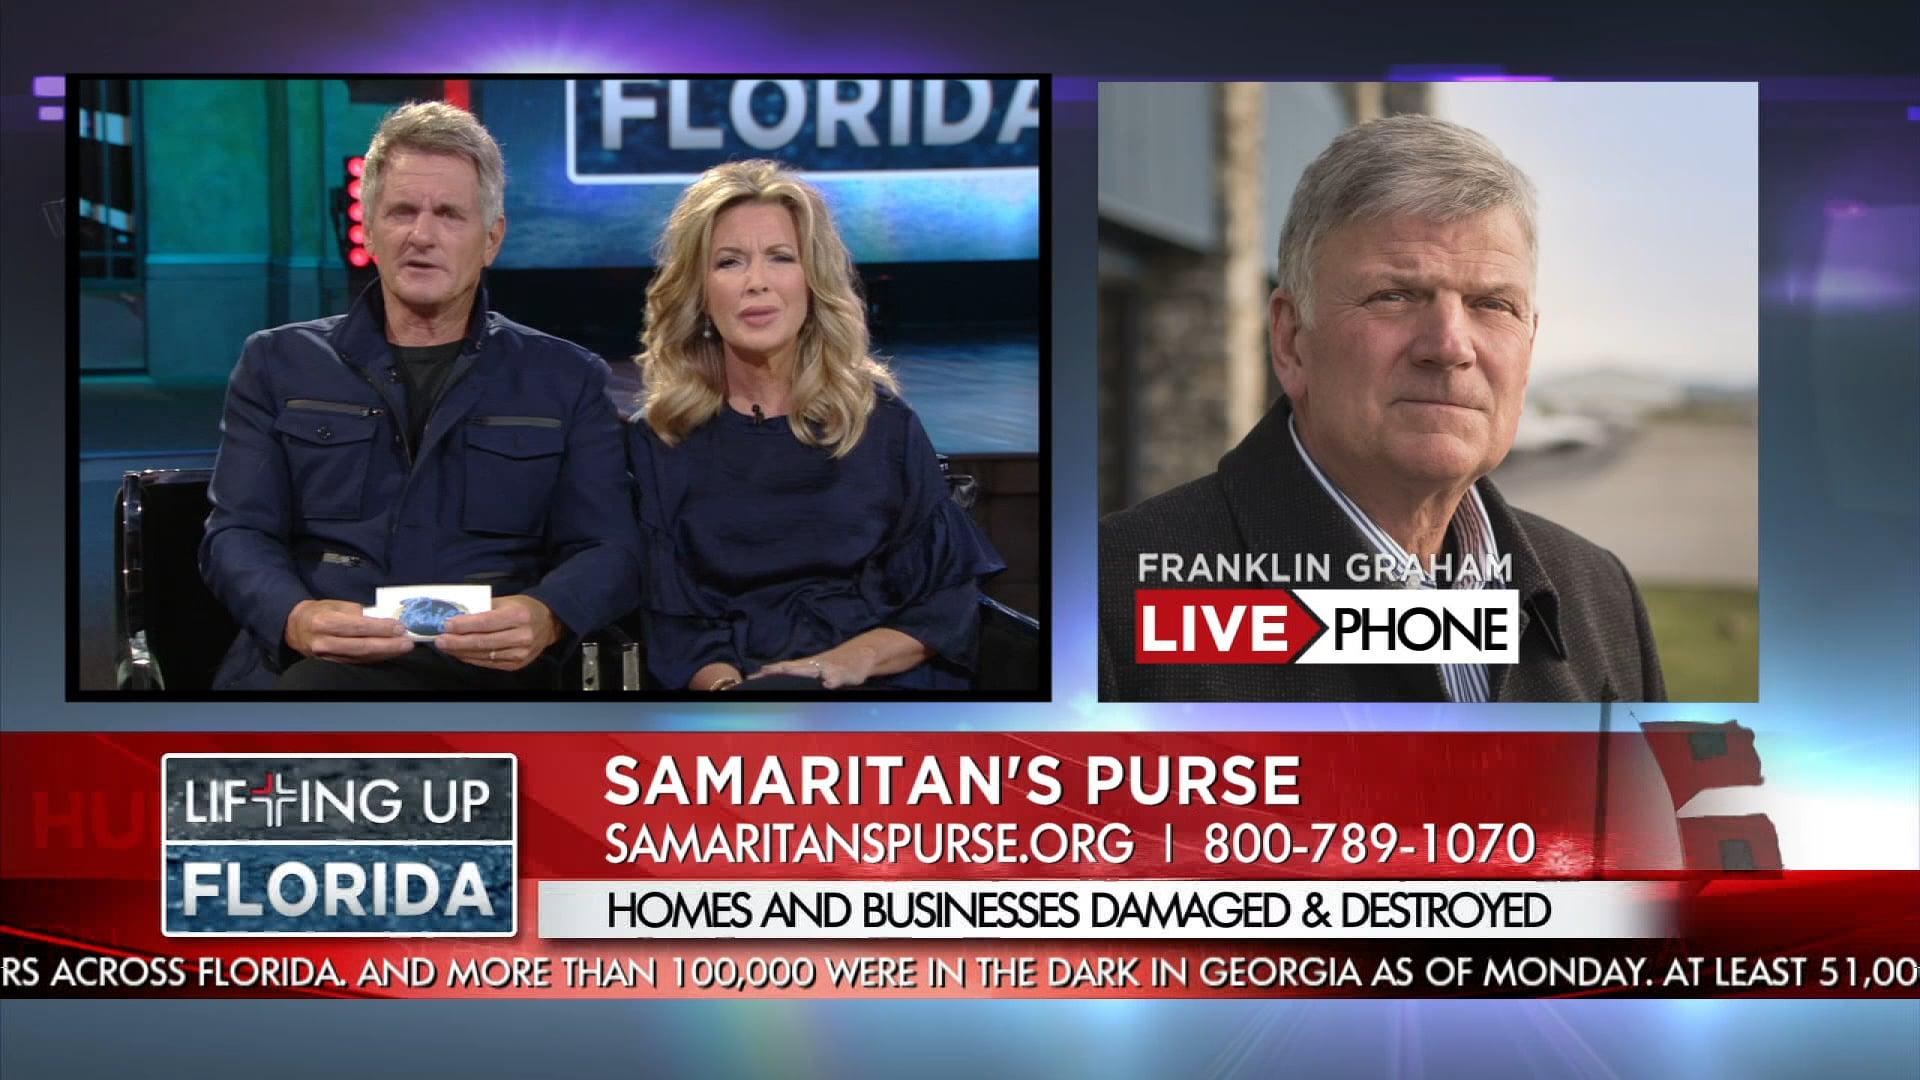 Samaritan's Purse In Florida